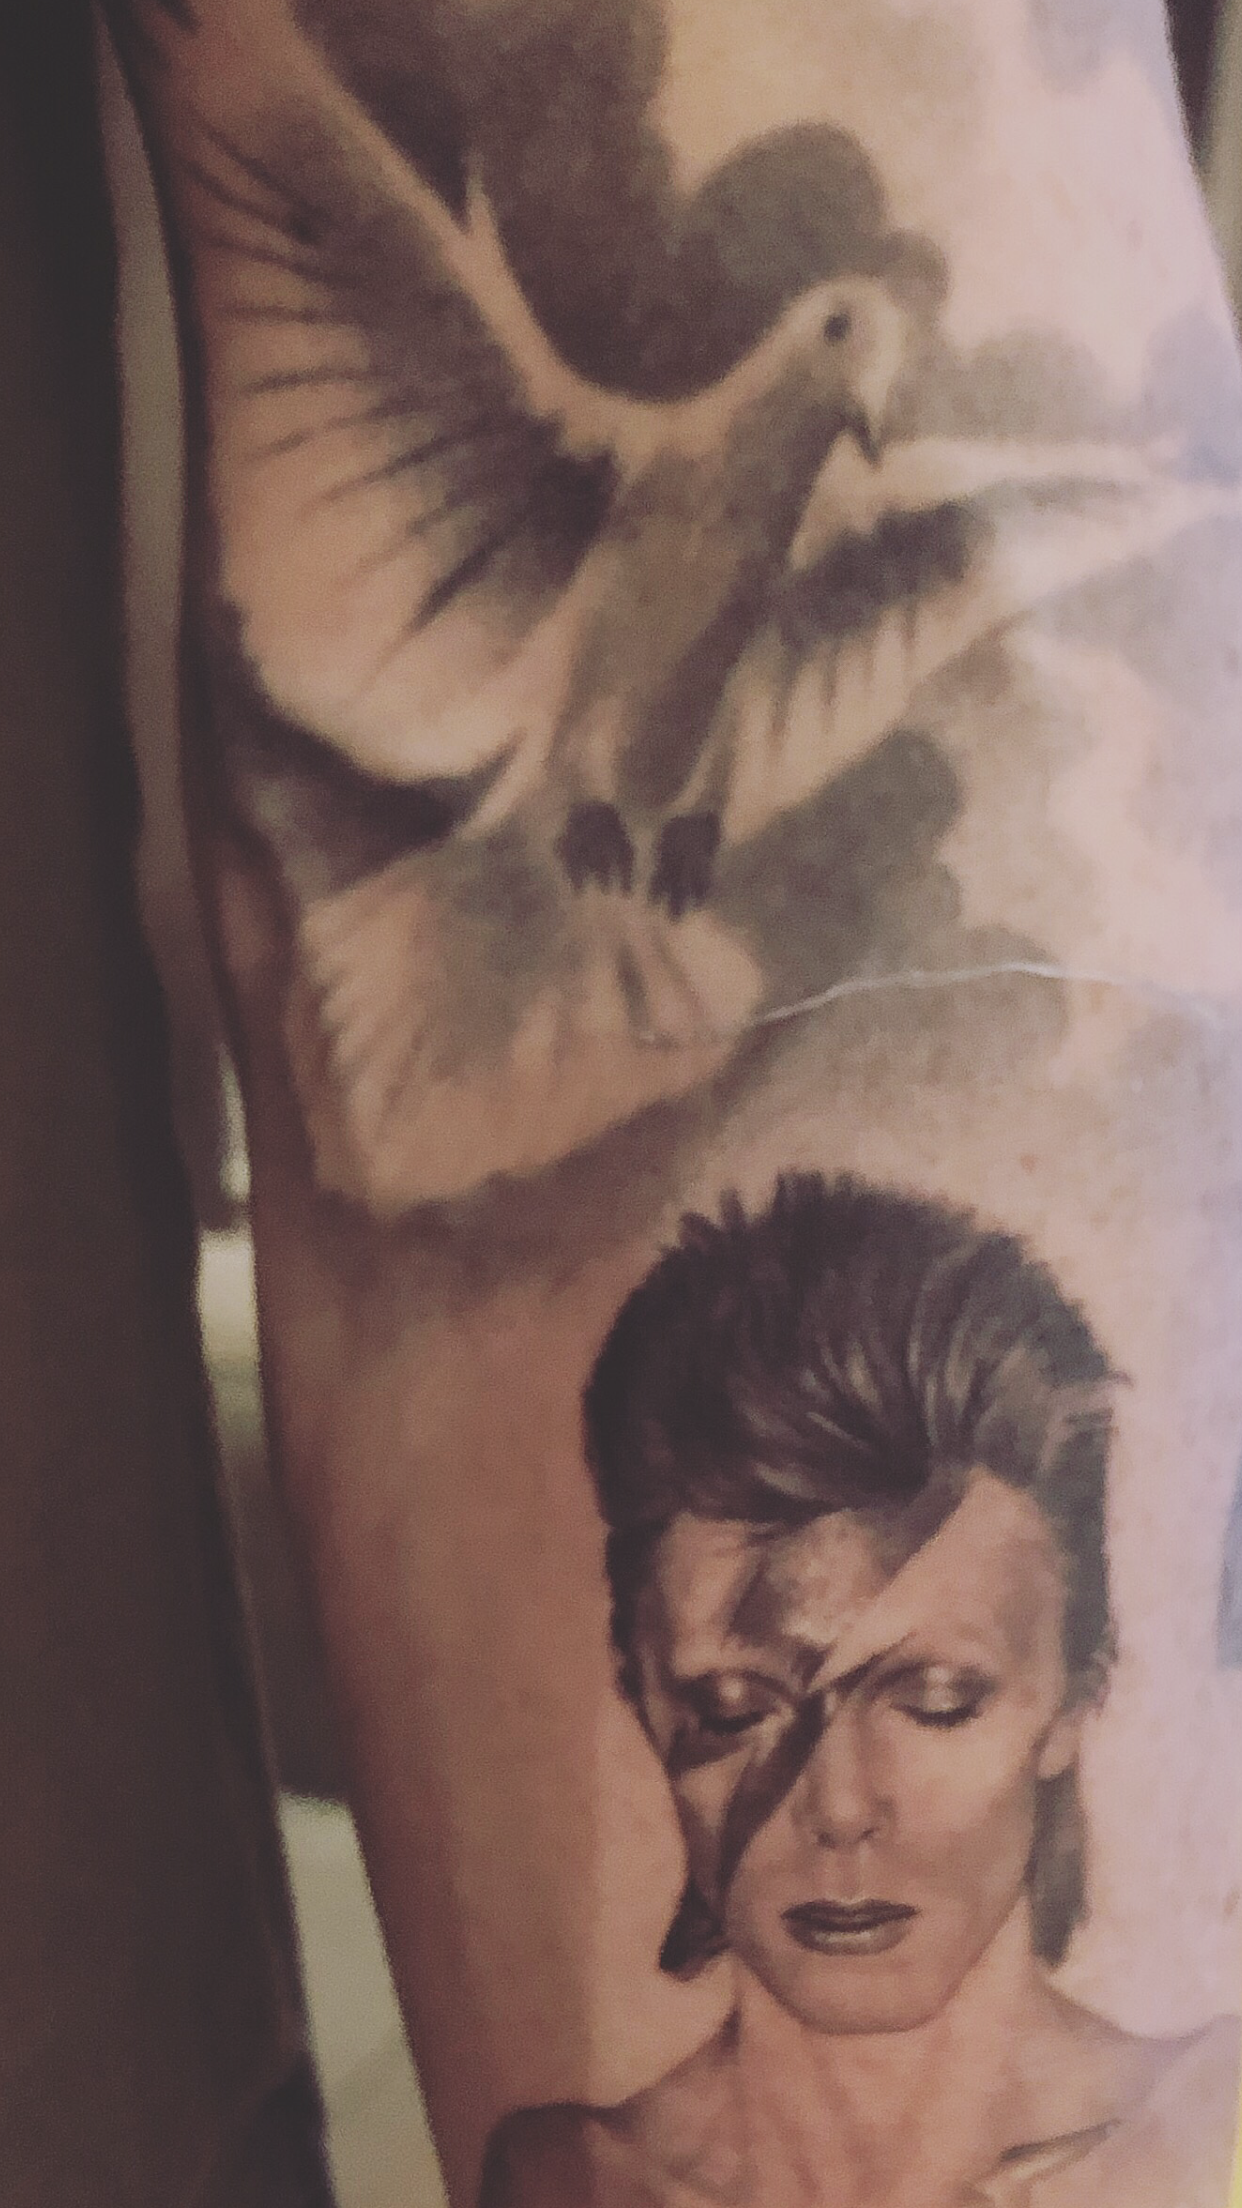 David Bowie Aladdin Sane Tattoo Tattoos Tattoos Aladdin